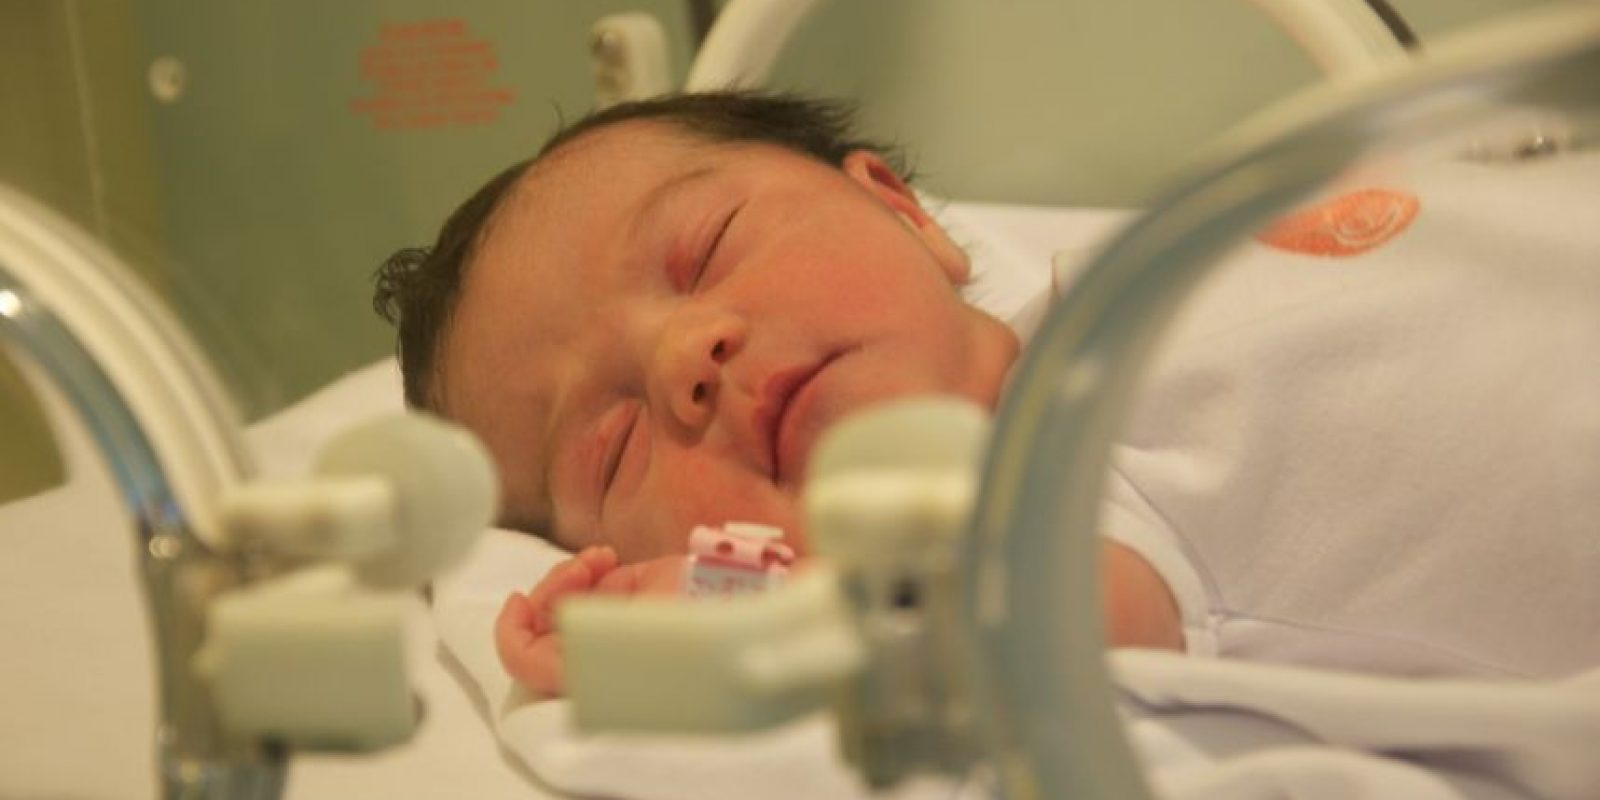 El recurso material les permite atender hasta 25 partos al día, 3 al mismo tiempo Foto:Luis Carlos Nájera